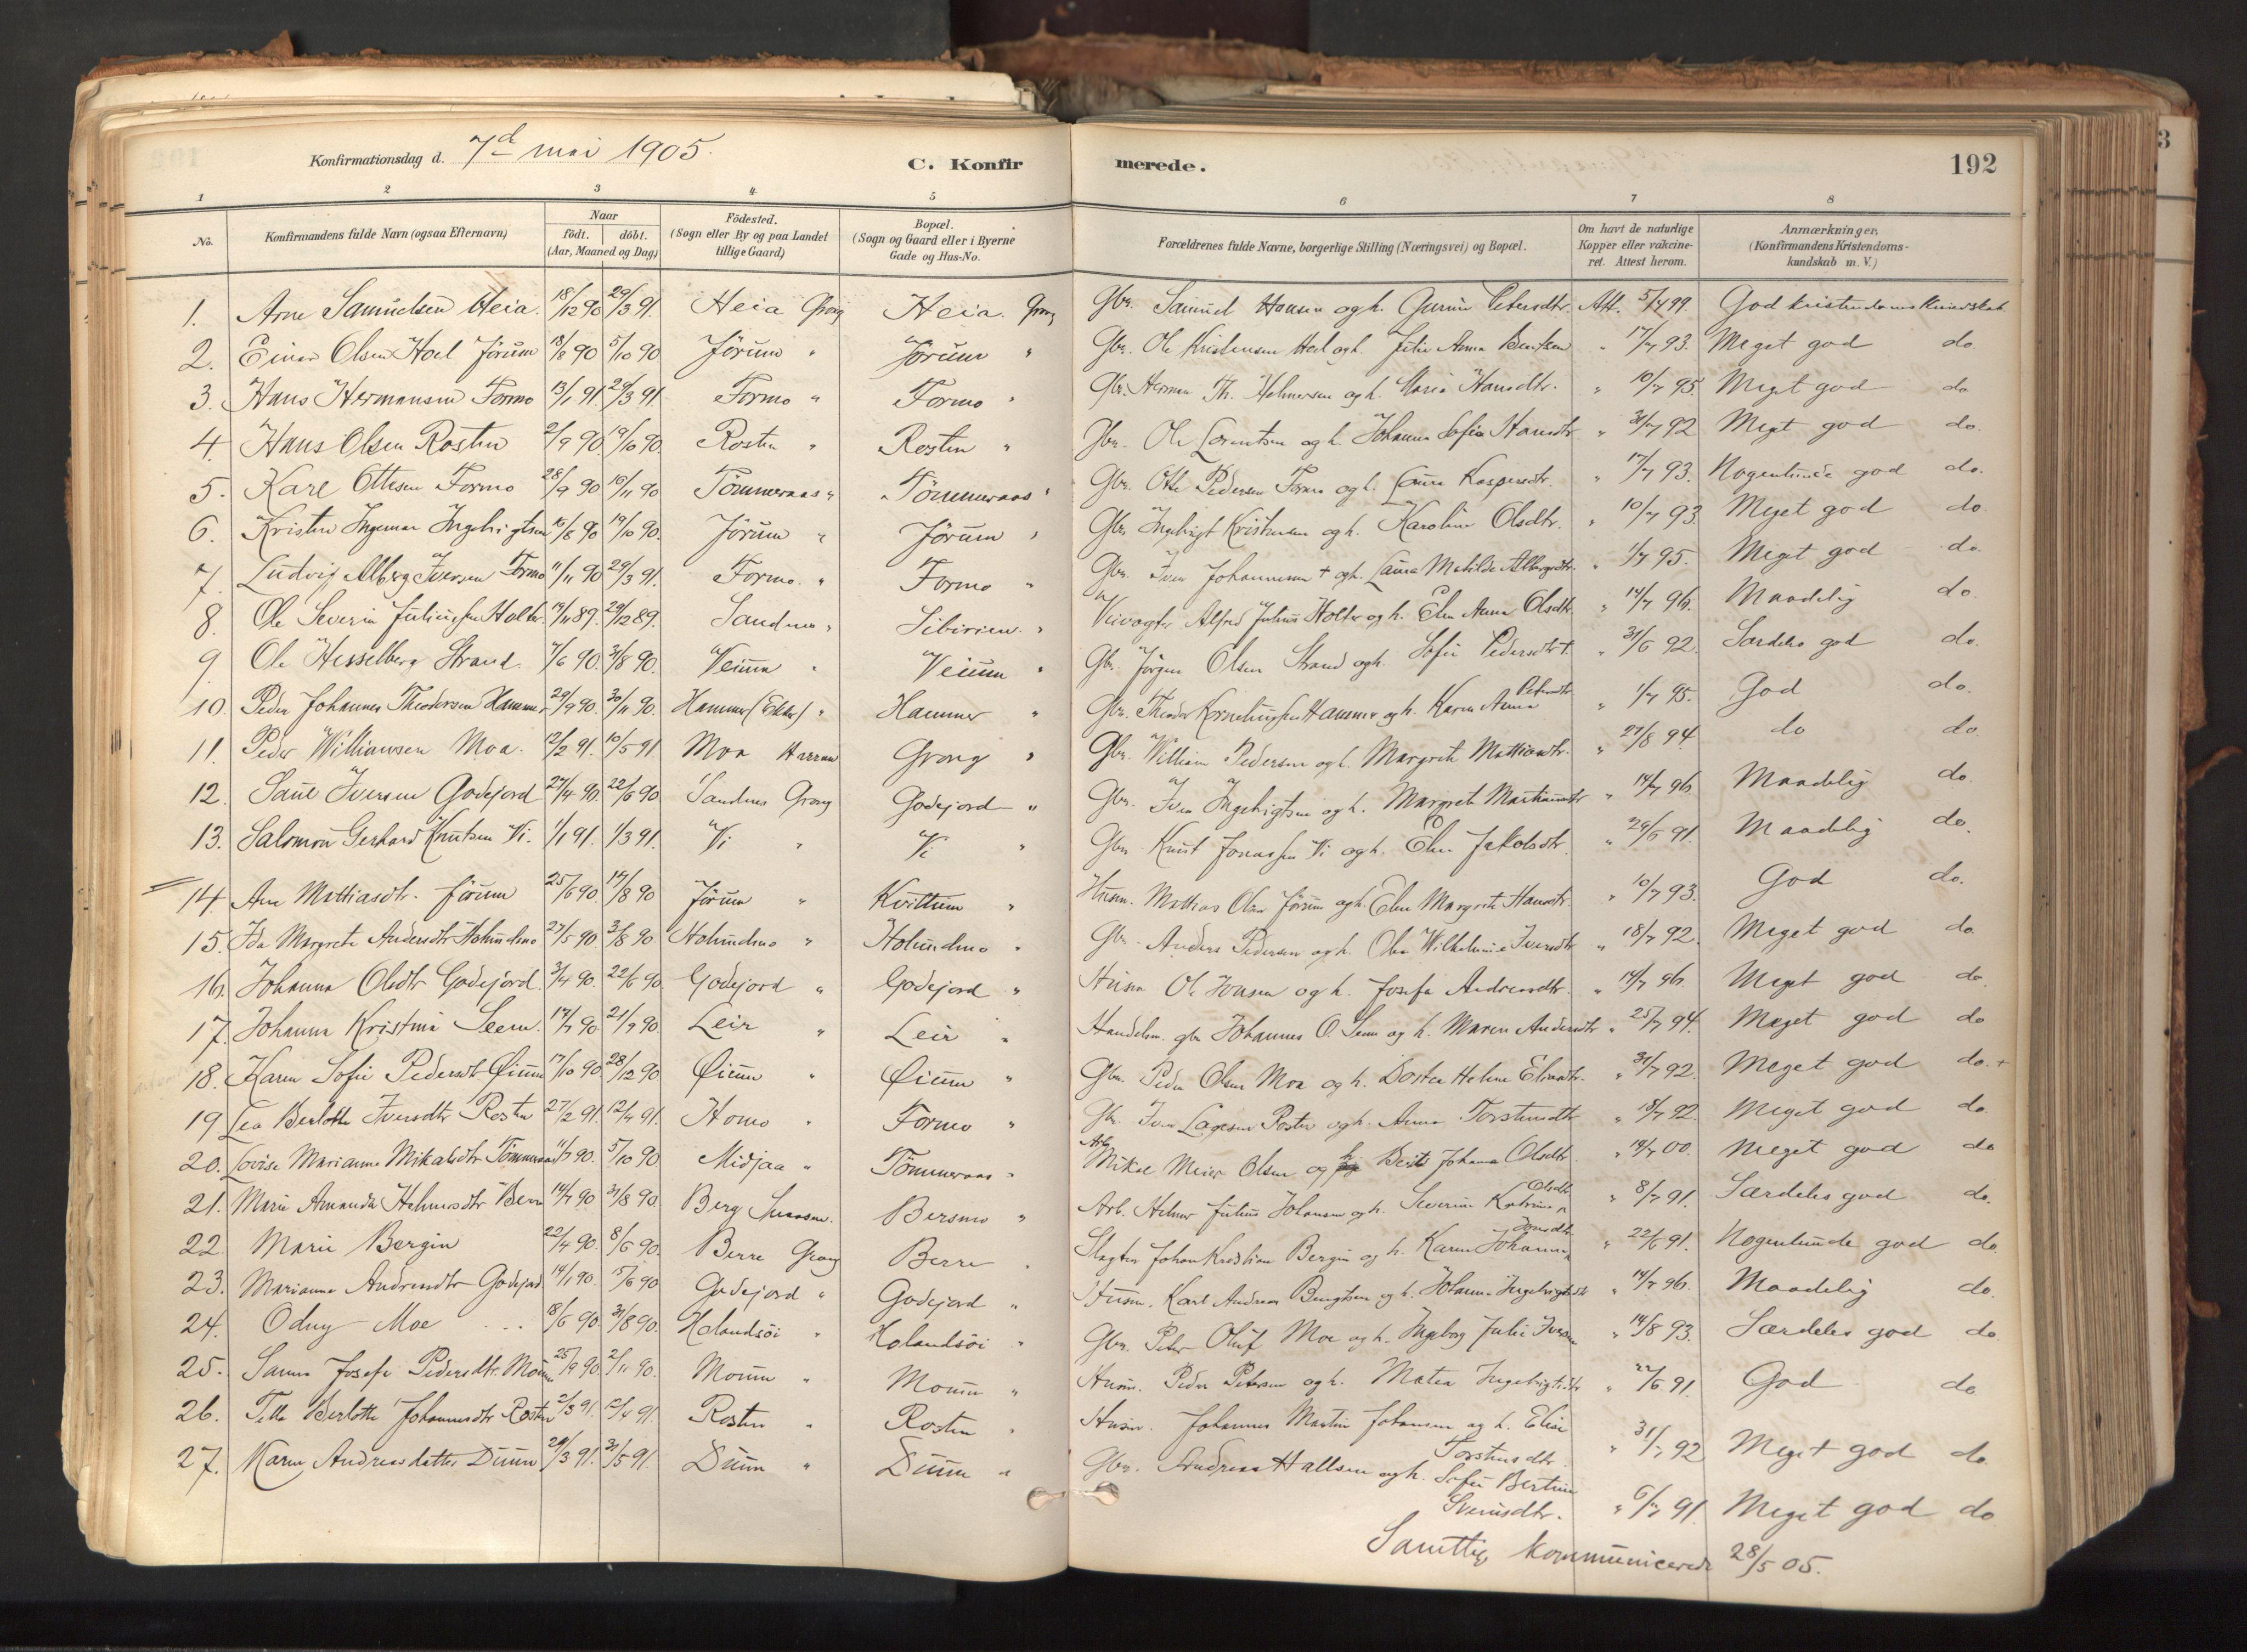 SAT, Ministerialprotokoller, klokkerbøker og fødselsregistre - Nord-Trøndelag, 758/L0519: Ministerialbok nr. 758A04, 1880-1926, s. 192